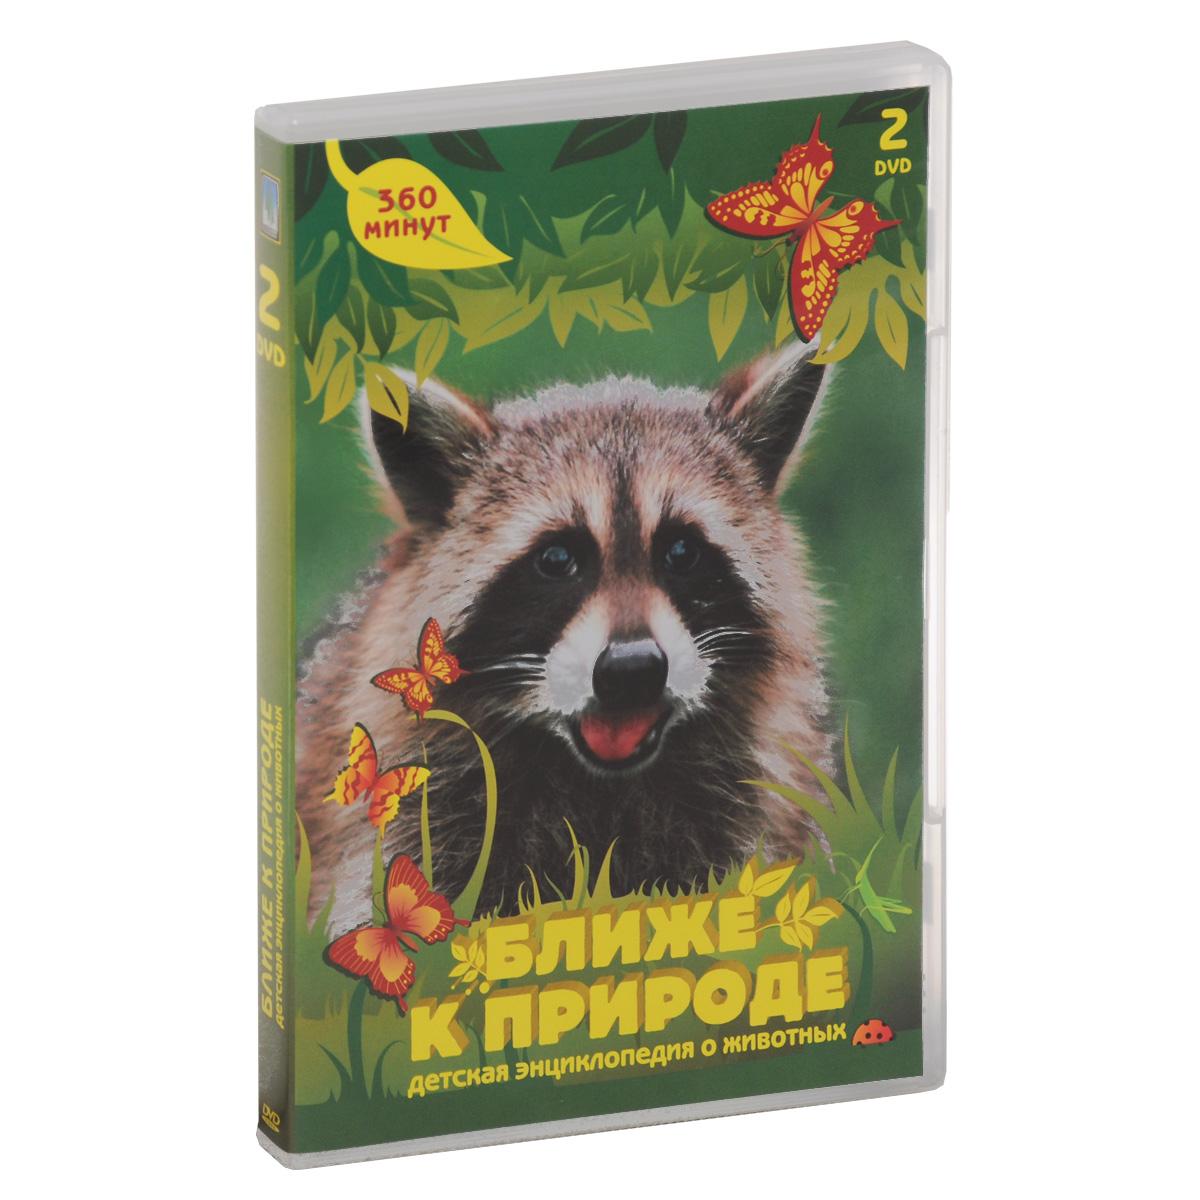 Ближе к природе (2 DVD)